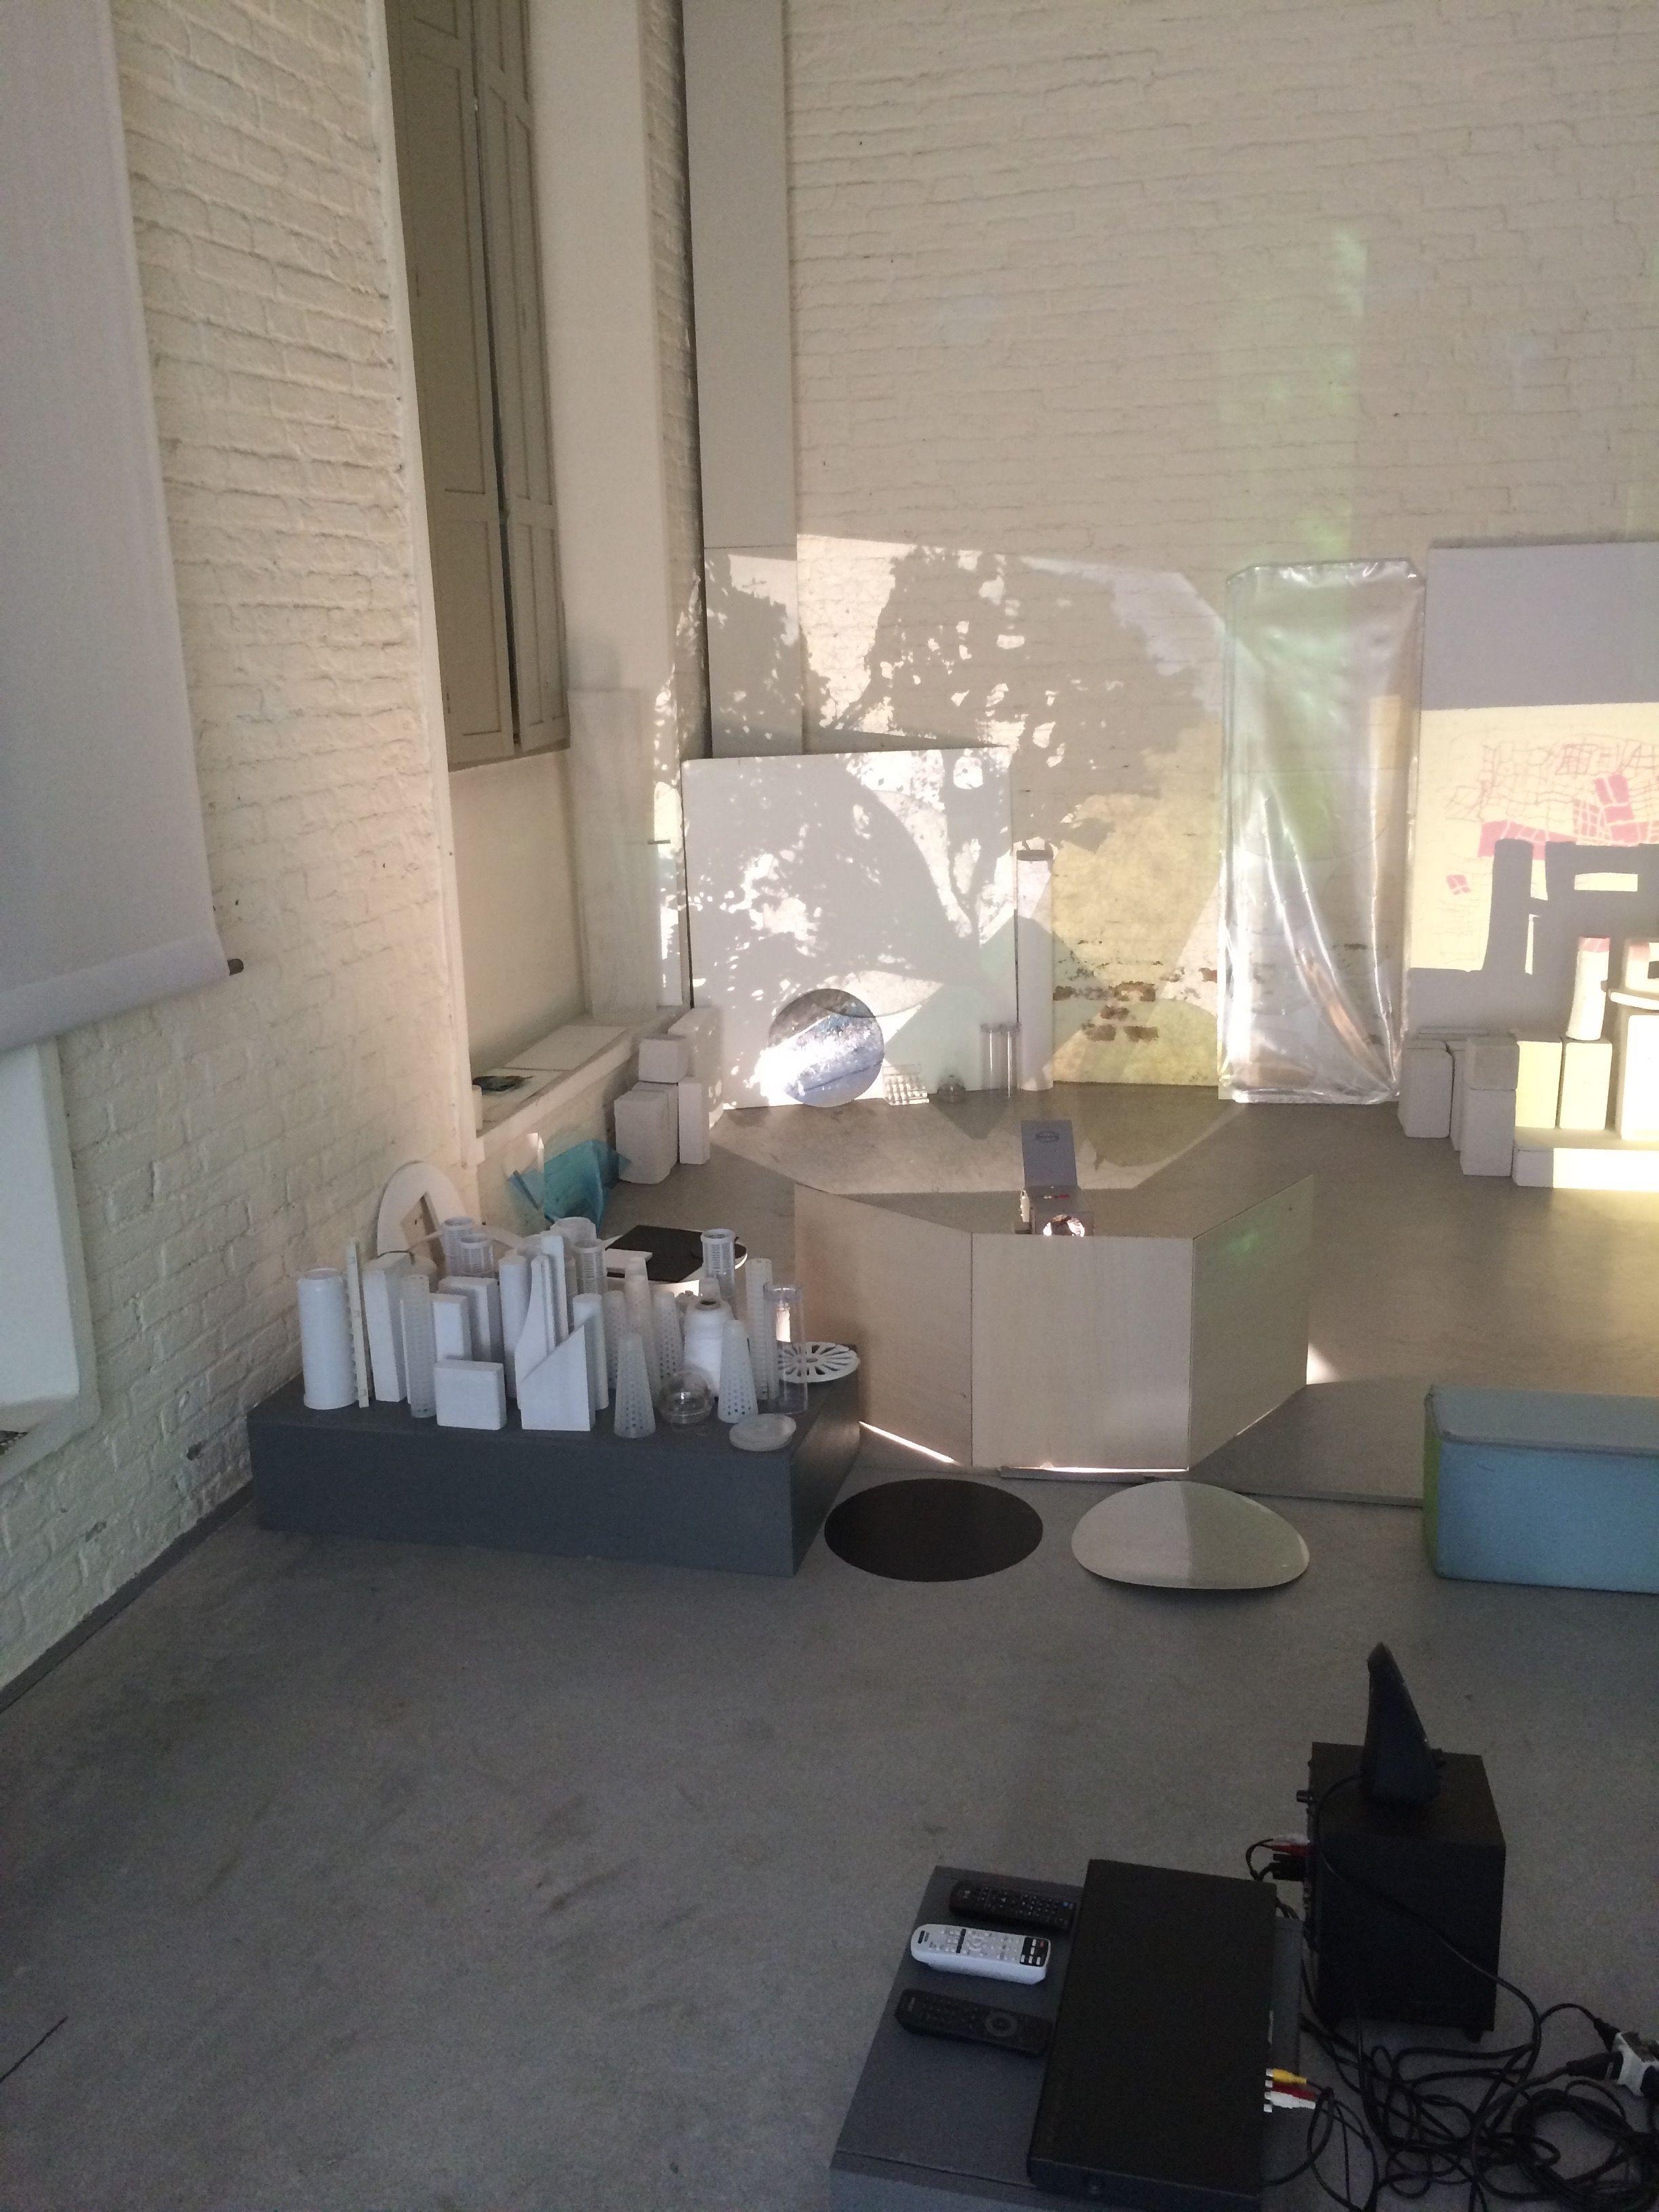 Kinderwelten gestalten reggio emilia licht kindergarten for Raumgestaltung reggio